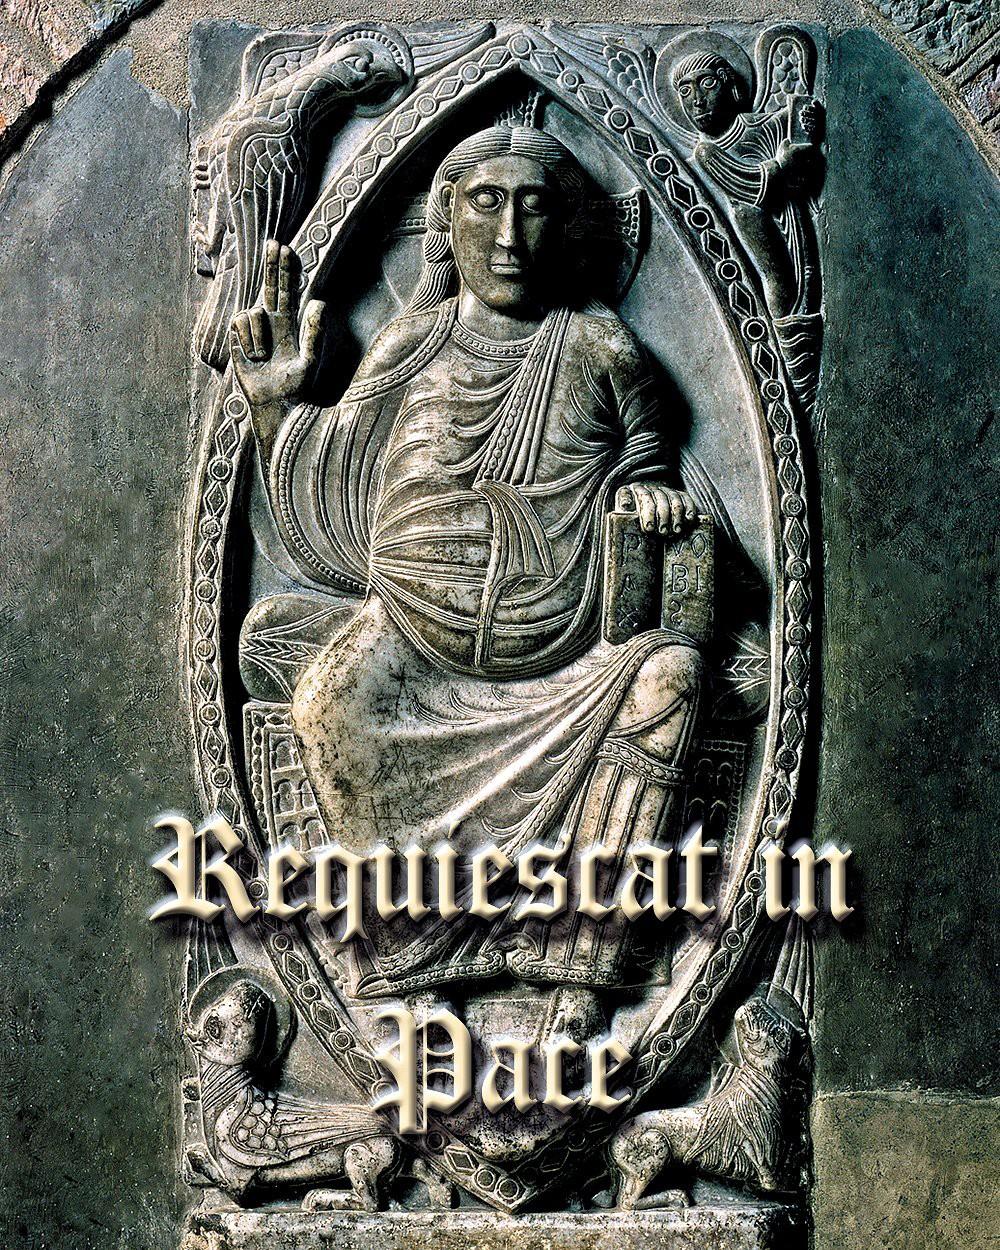 00 Requiescat in Pace. 19.11.12